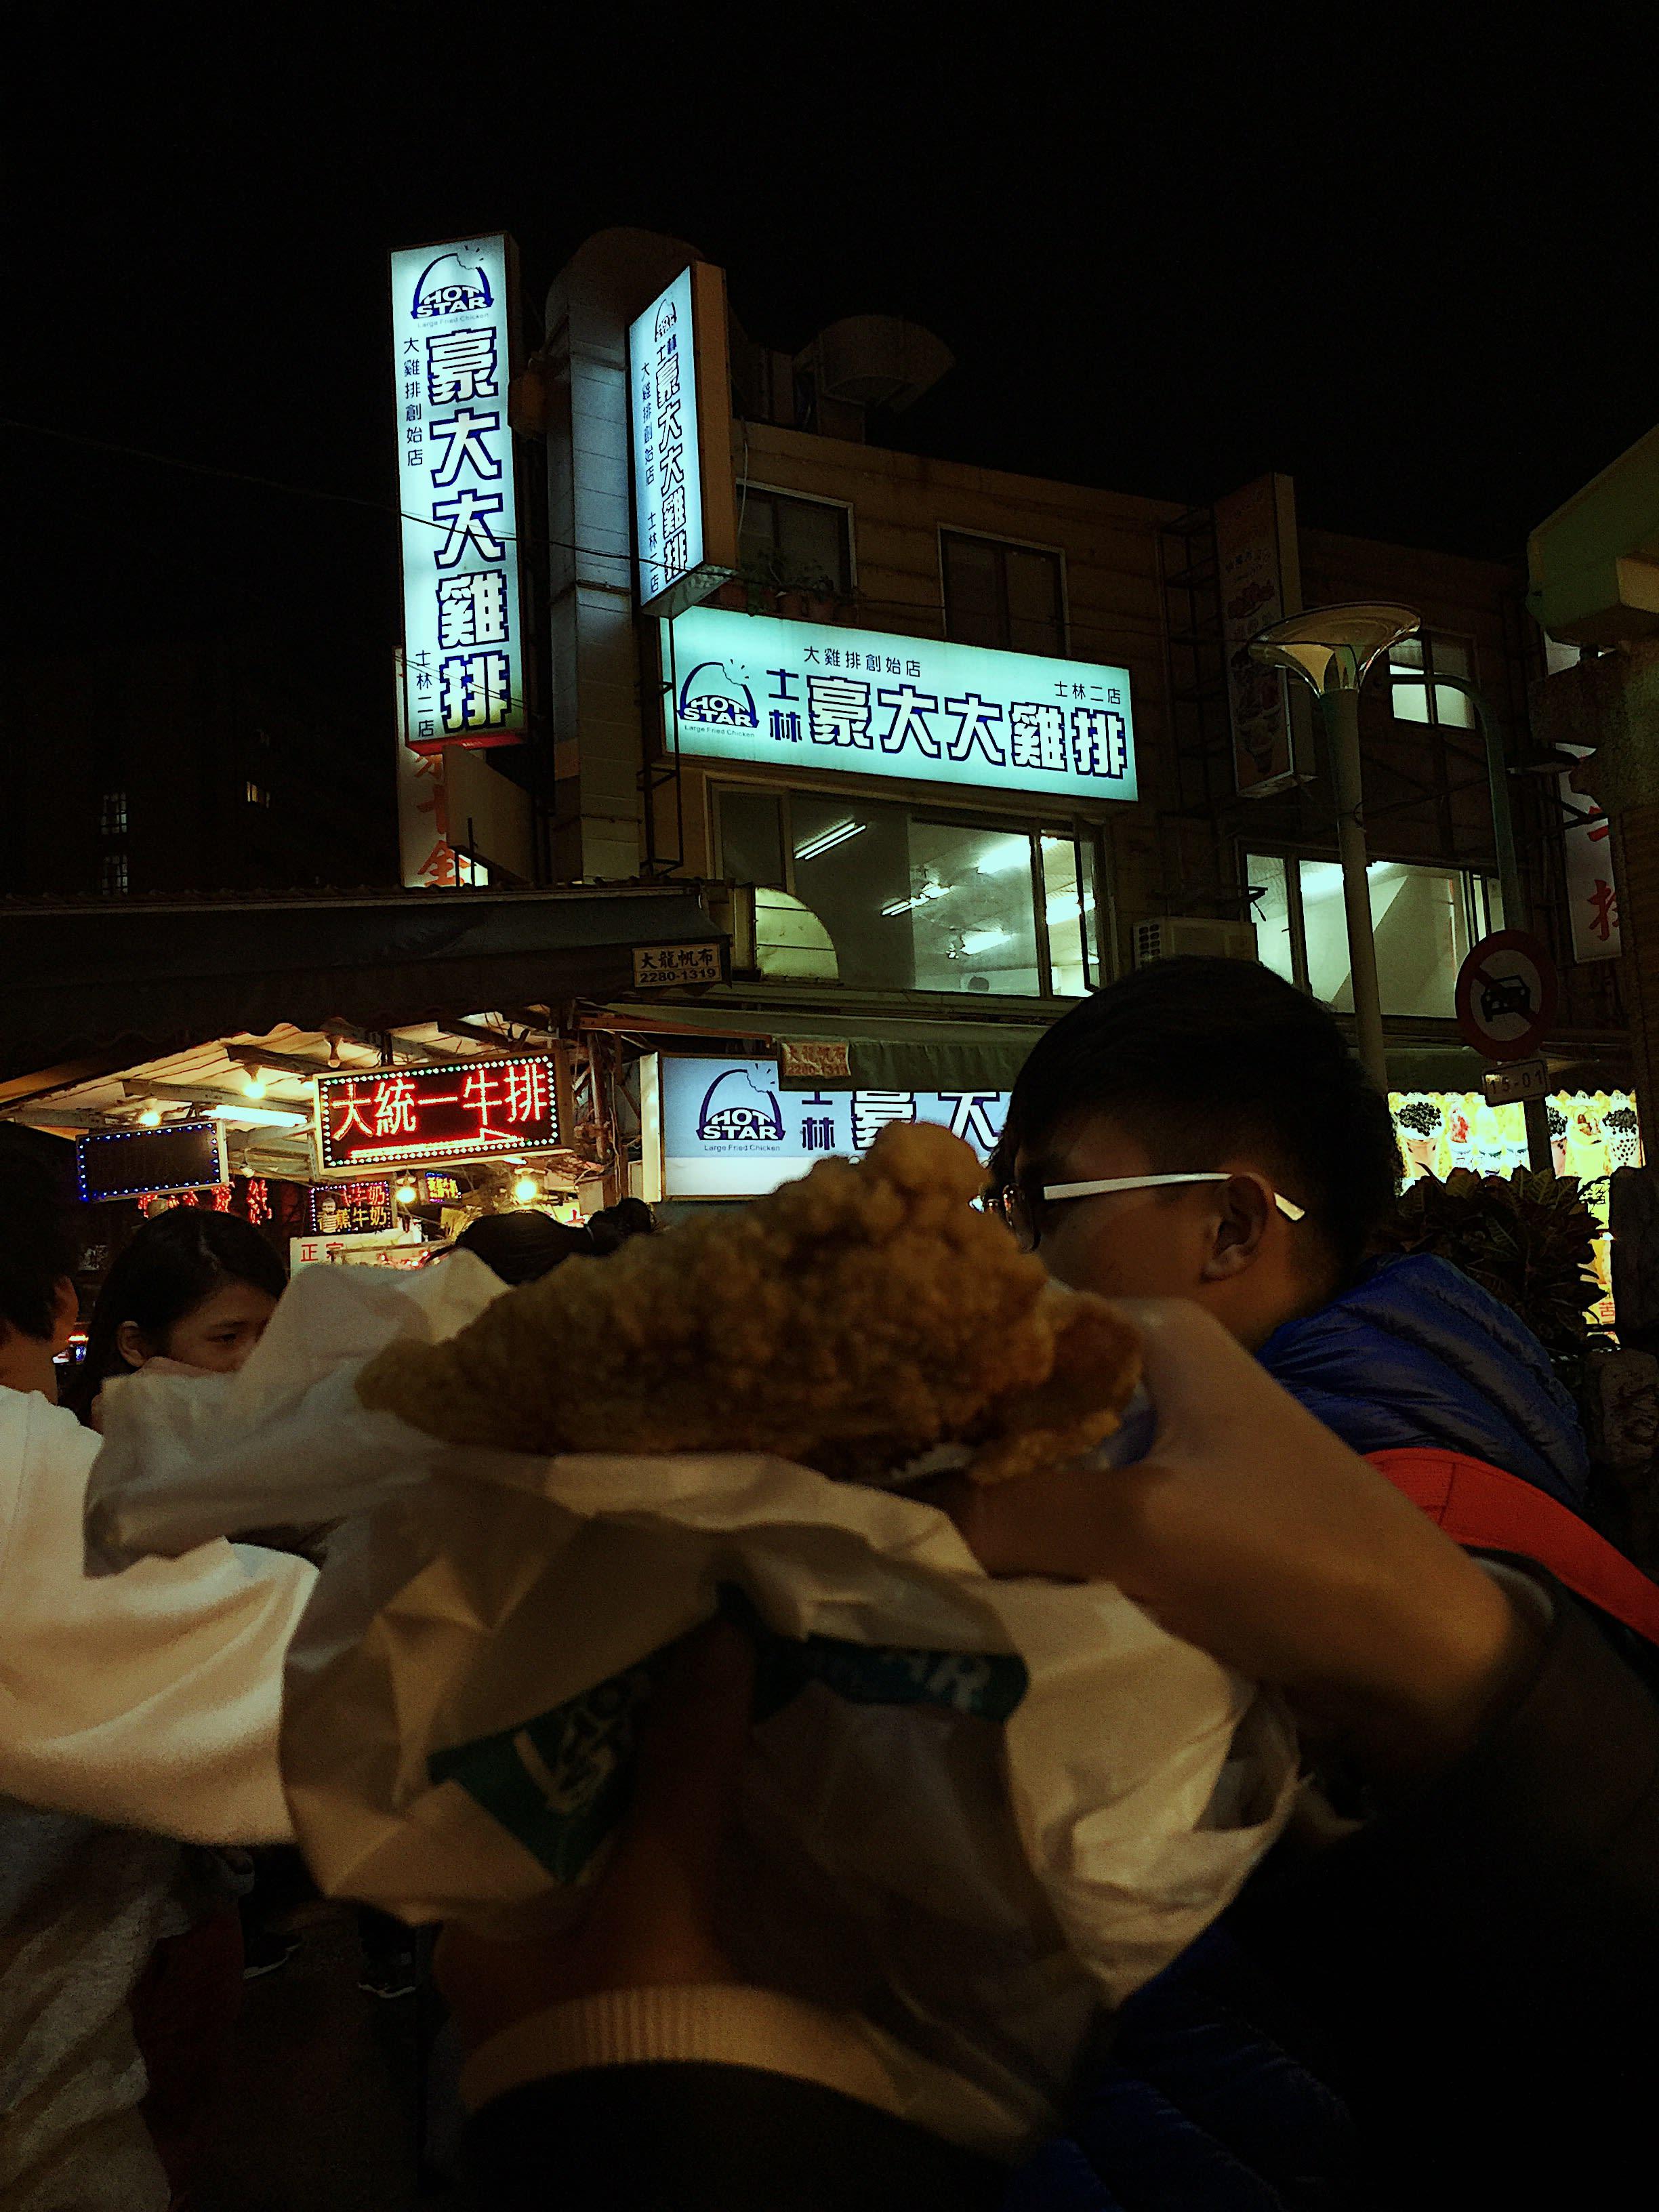 chợ đên shilin là nơi không thể thiếu trong địa điểm du lịch ở đài bắc